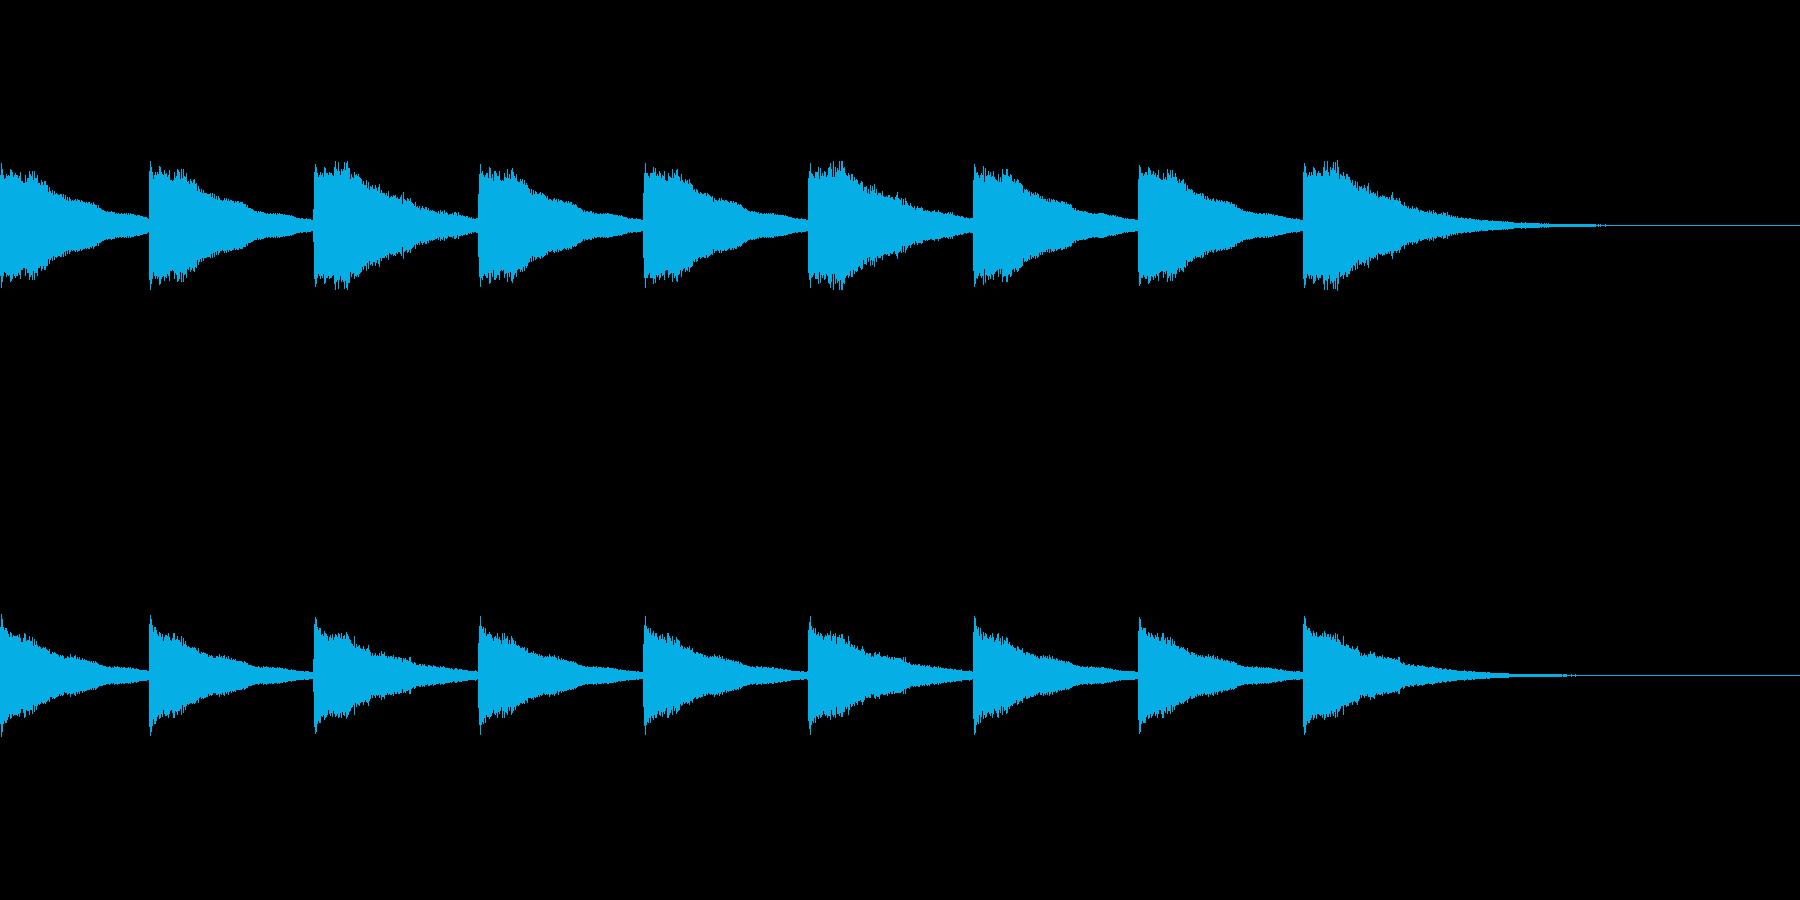 シンプルな教会の鐘の音ですの再生済みの波形